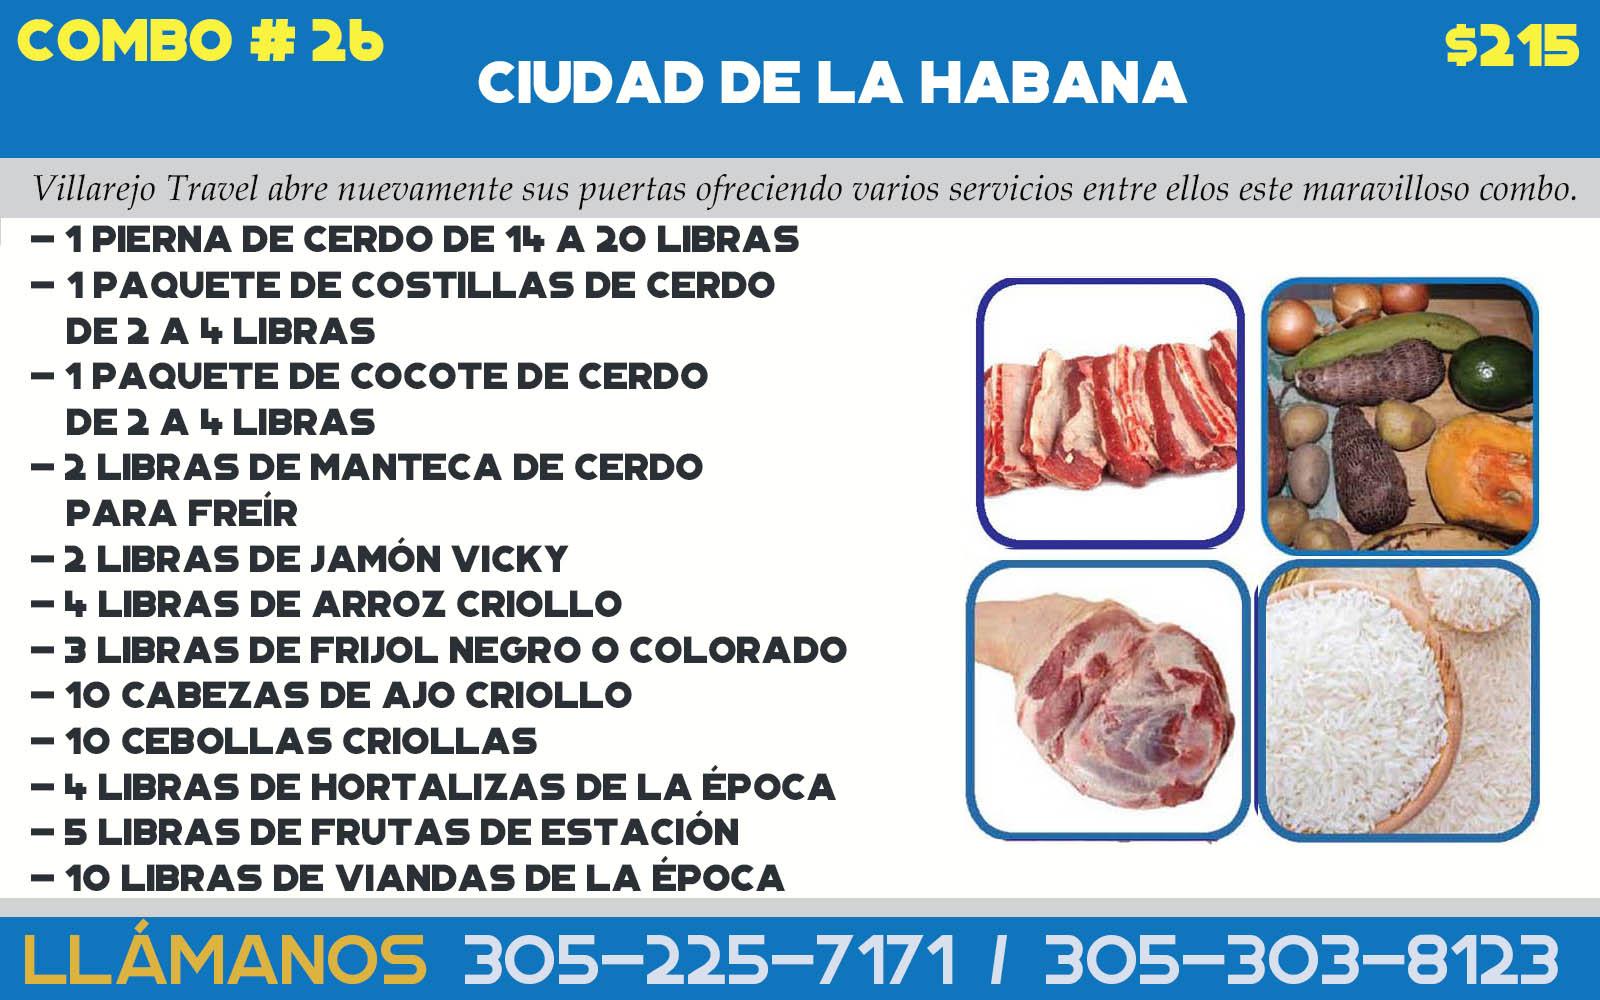 COMBO # 26 CIUDAD DE LA HABANA (Pierna)